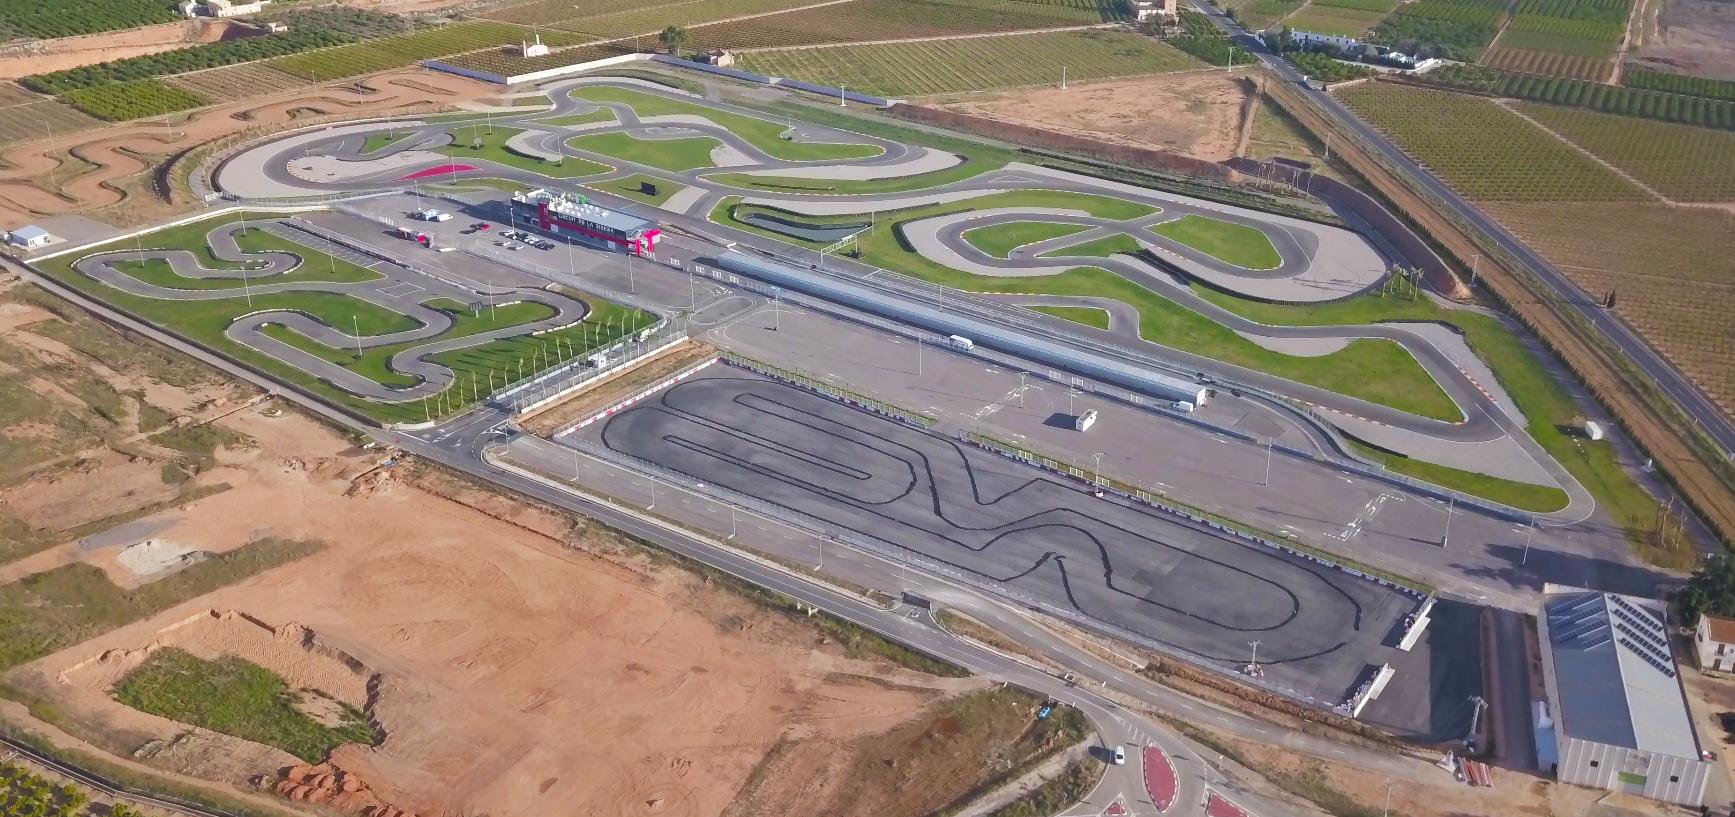 Circuito La Ribera : Circuit de la ribera spain will host the fim supermoto